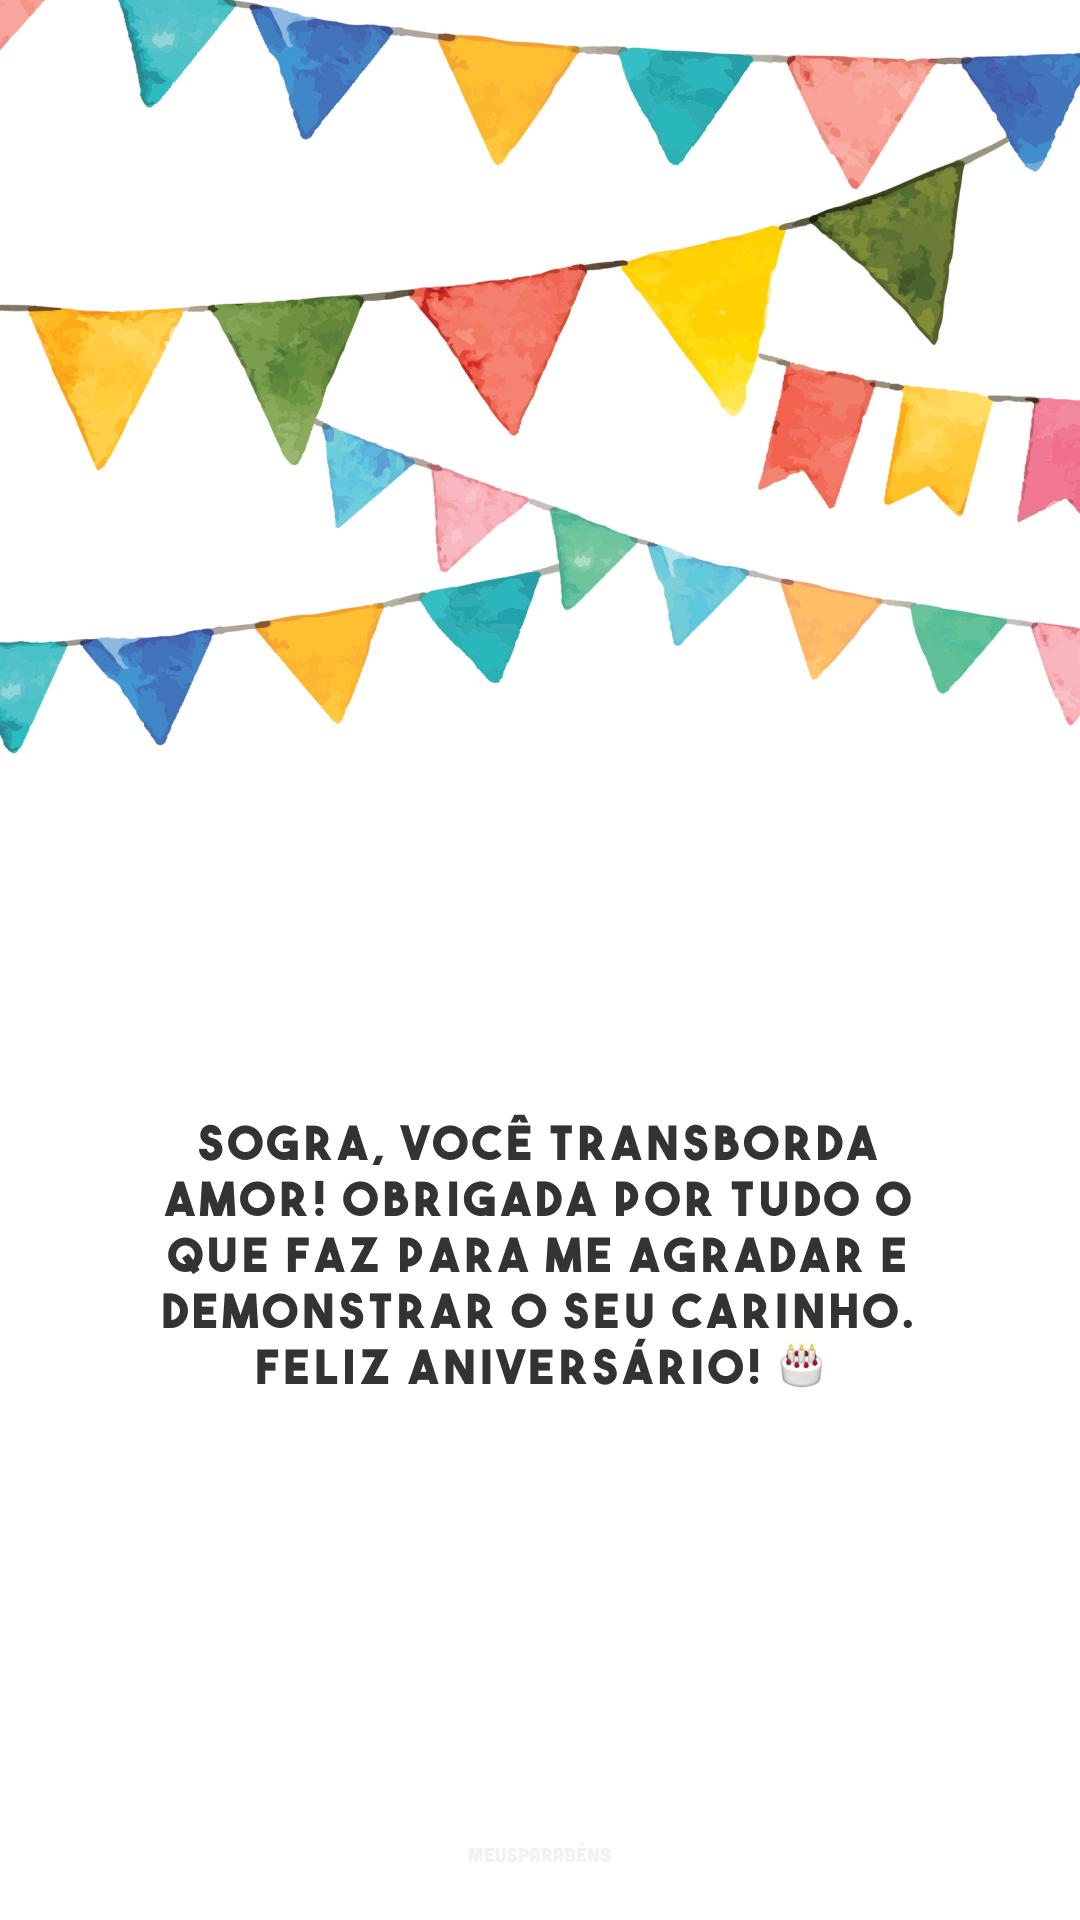 Sogra, você transborda amor! Obrigada por tudo o que faz para me agradar e demonstrar o seu carinho. Feliz aniversário! 🎂